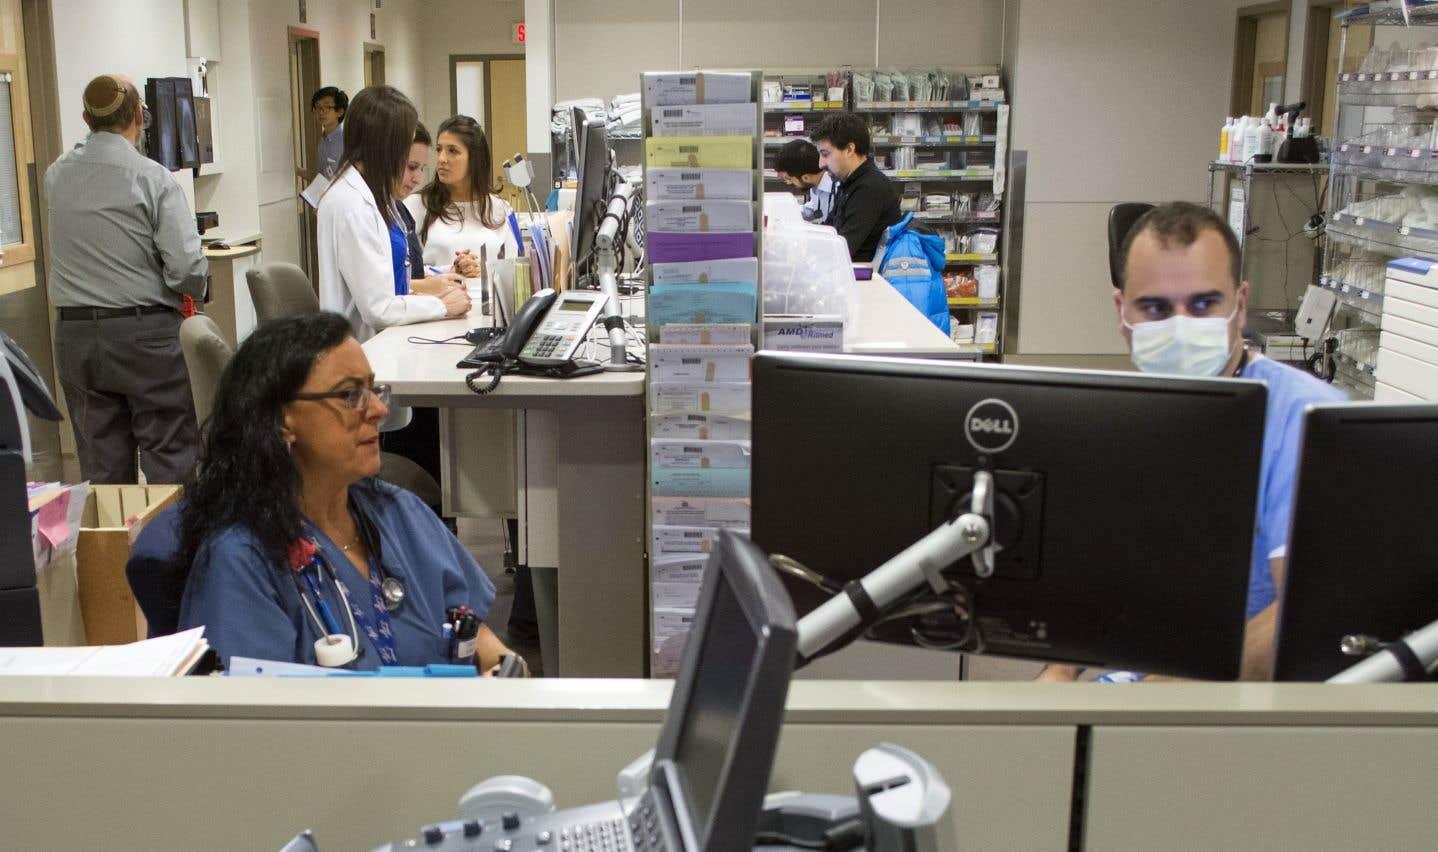 Pourquoi les infirmières des hôpitaux anglophones ne font presque pas d'heures supplémentaires?